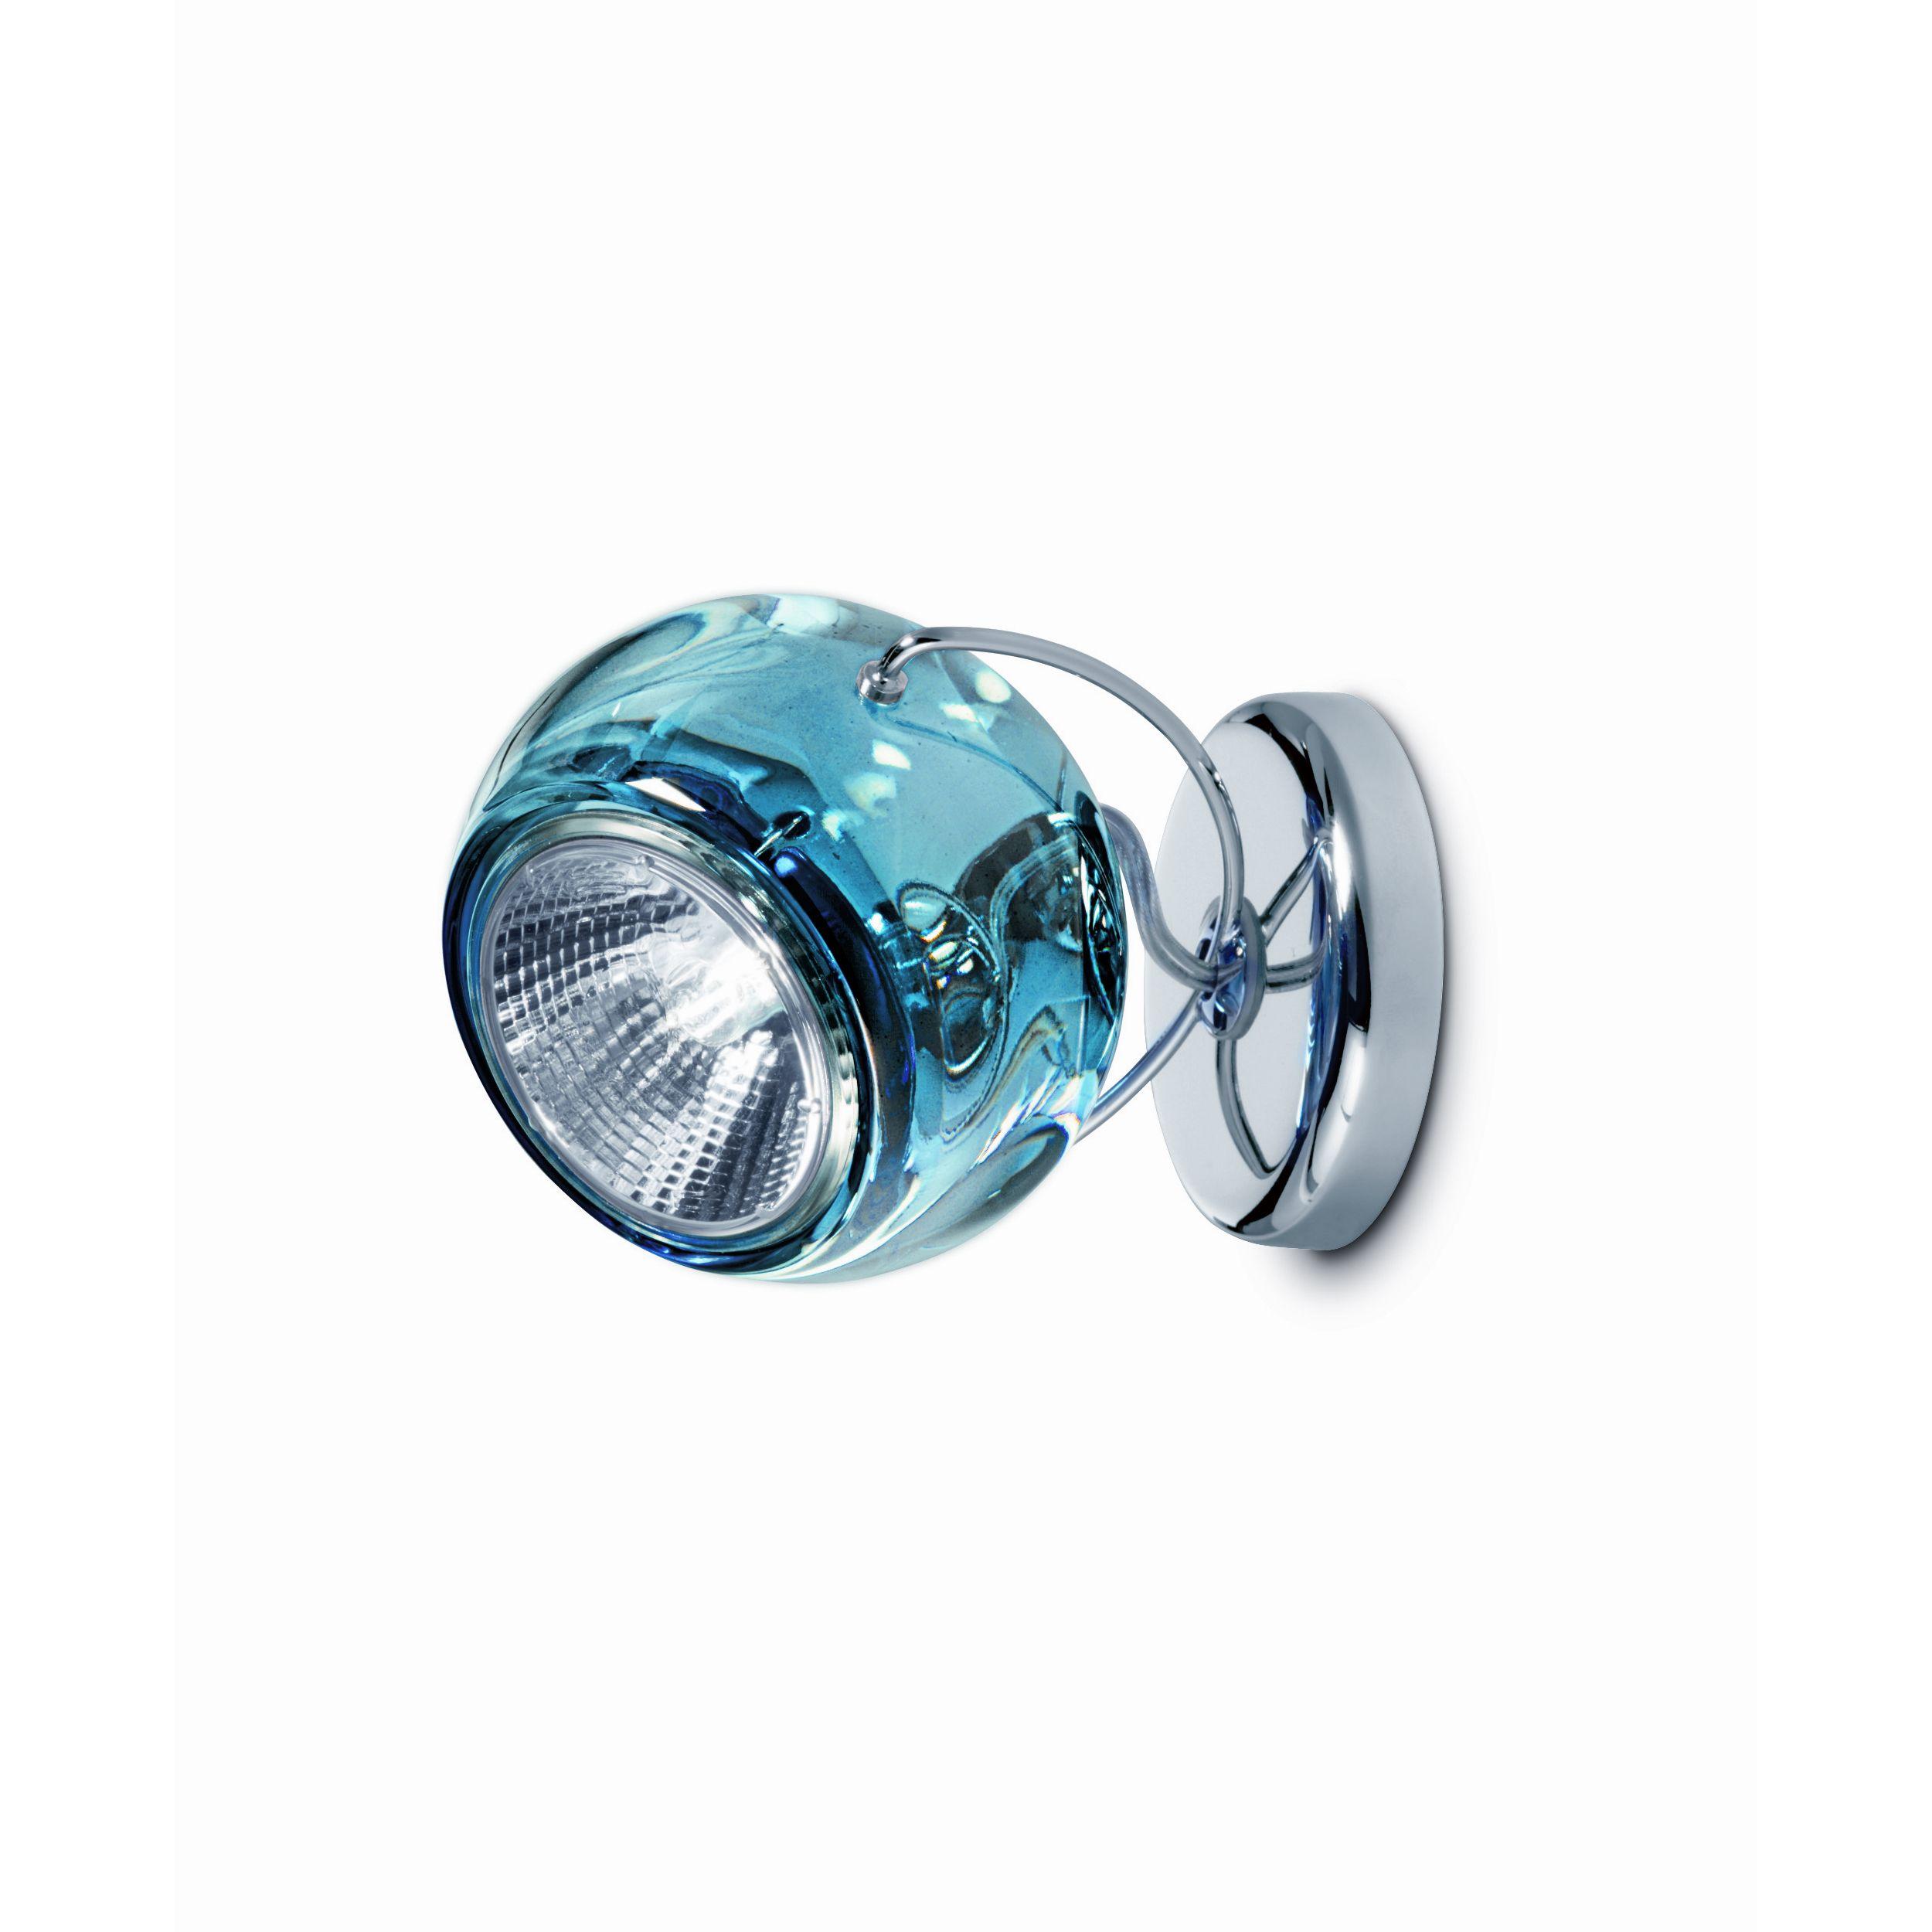 Beluga il cristallo un materiale fantastico su www.chicdesignonline.com http://www.chicdesignonline.com/home/219-beluga-colour-paretesoffitto.html